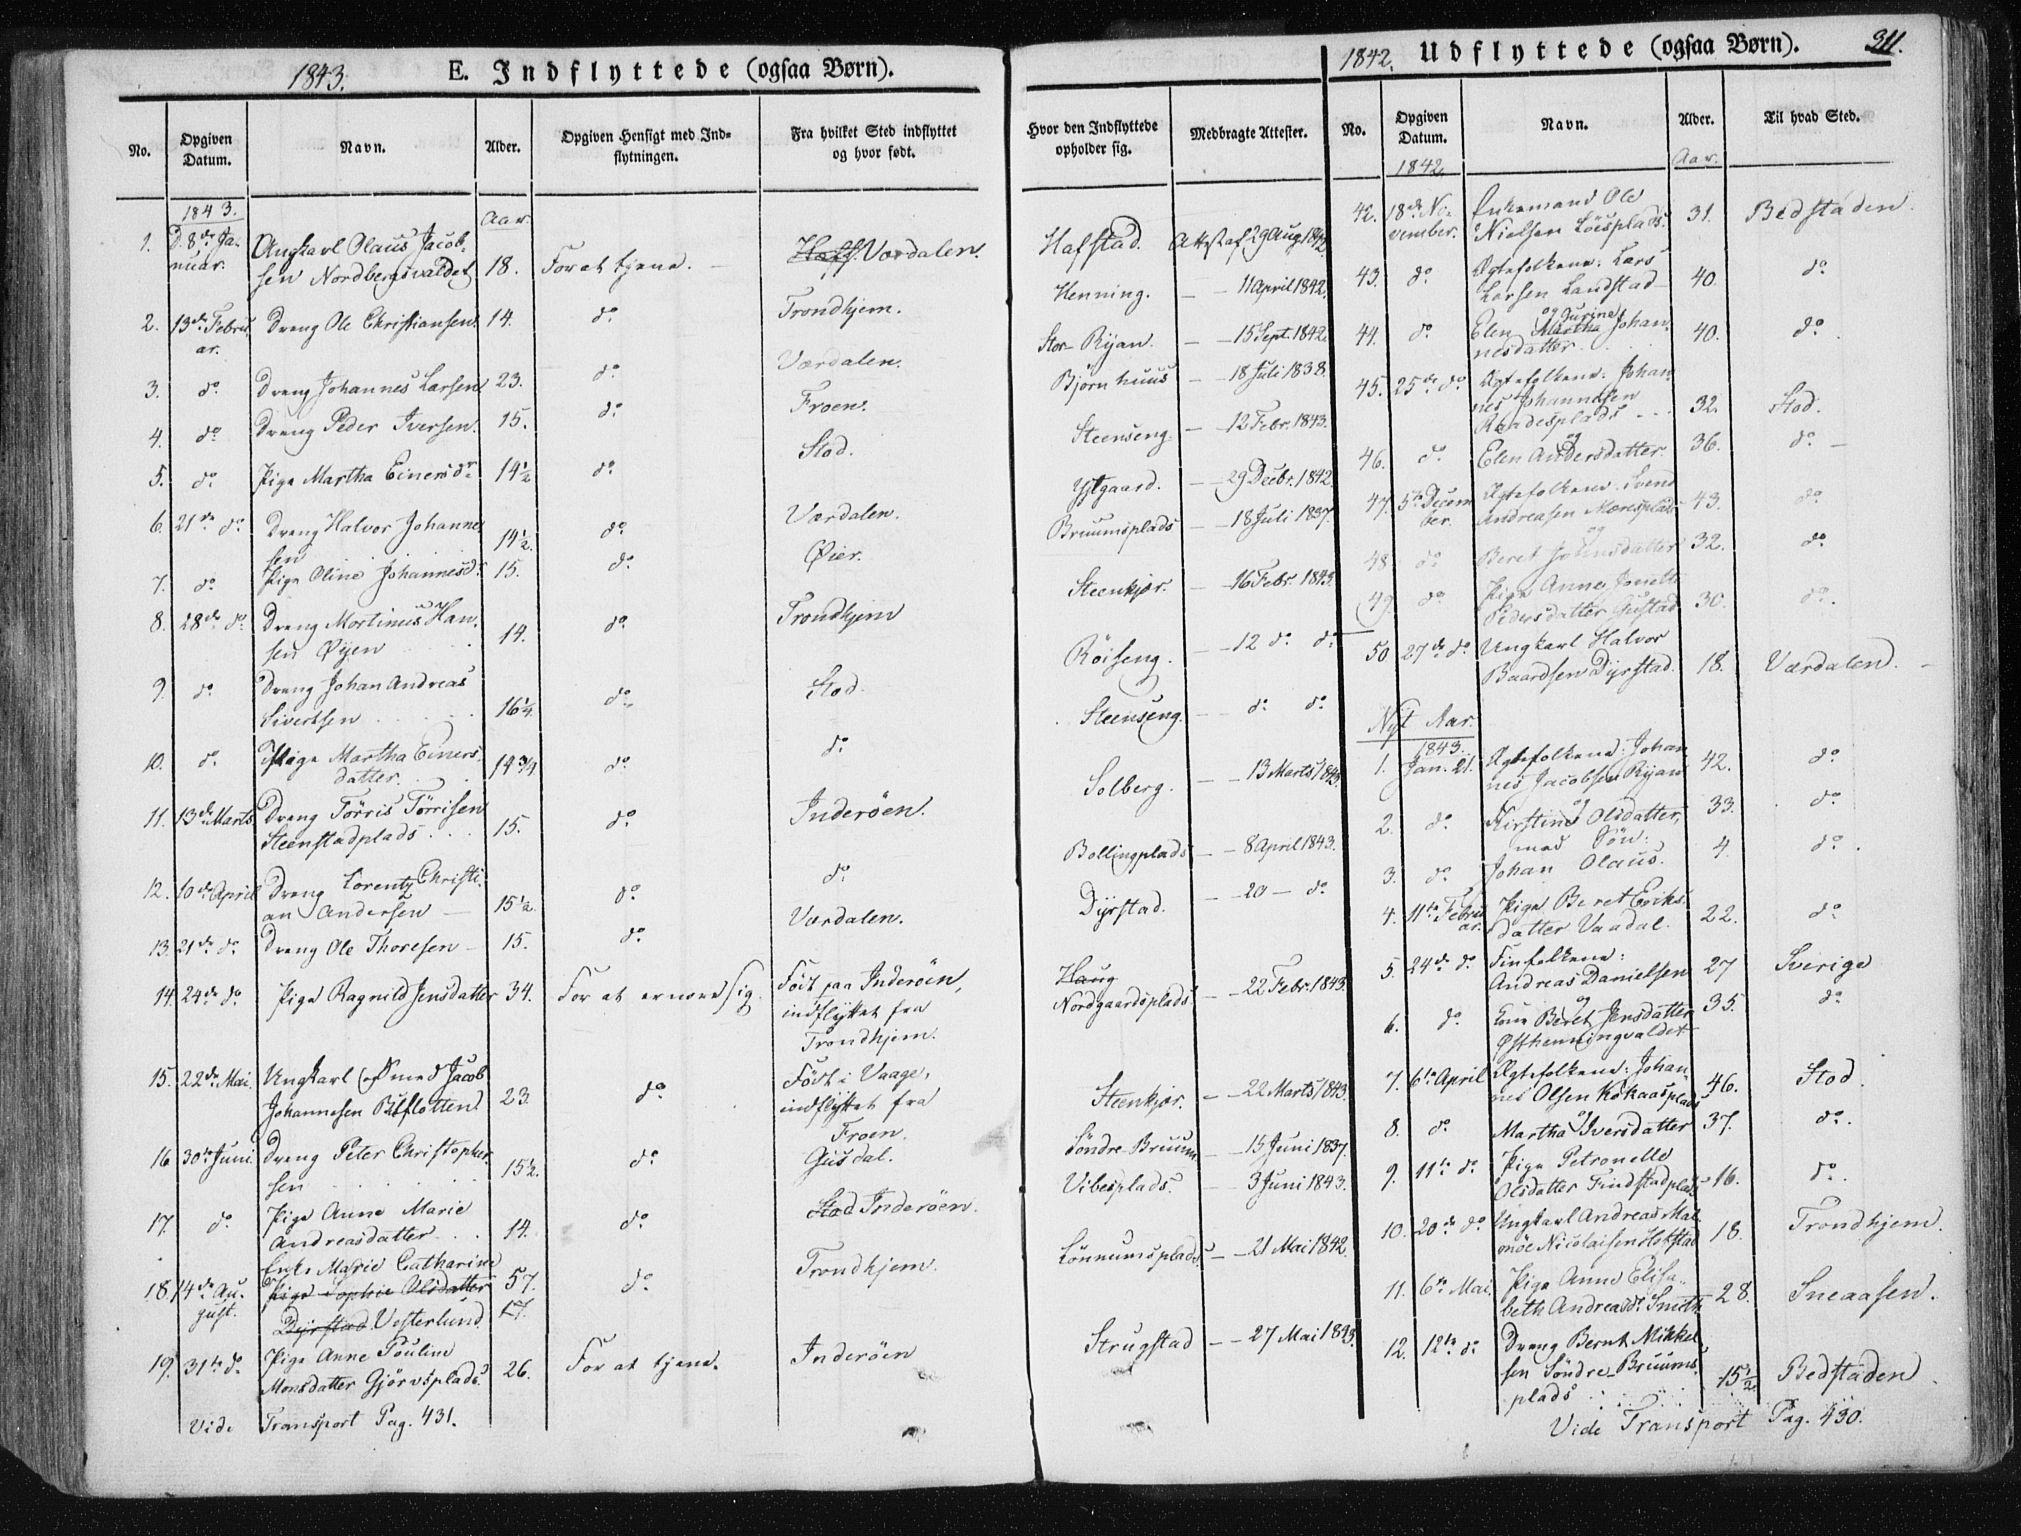 SAT, Ministerialprotokoller, klokkerbøker og fødselsregistre - Nord-Trøndelag, 735/L0339: Ministerialbok nr. 735A06 /1, 1836-1848, s. 311